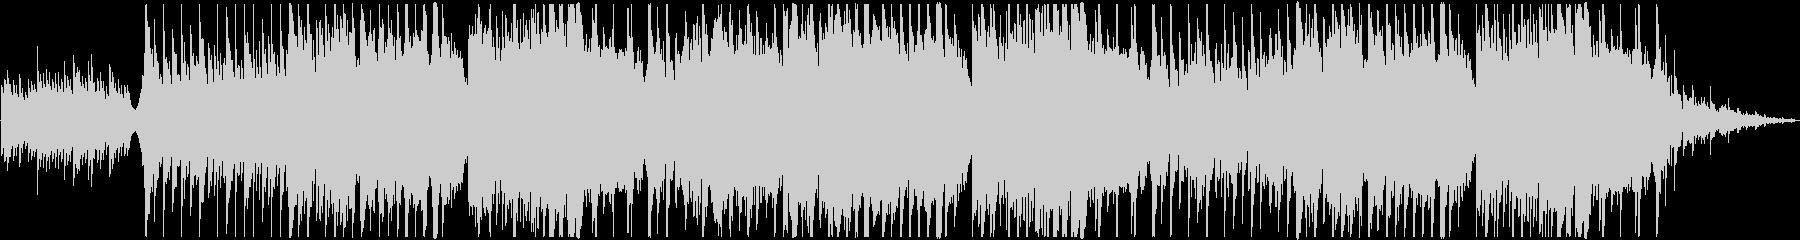 厳かな雰囲気のある和風ピアノBGMの未再生の波形